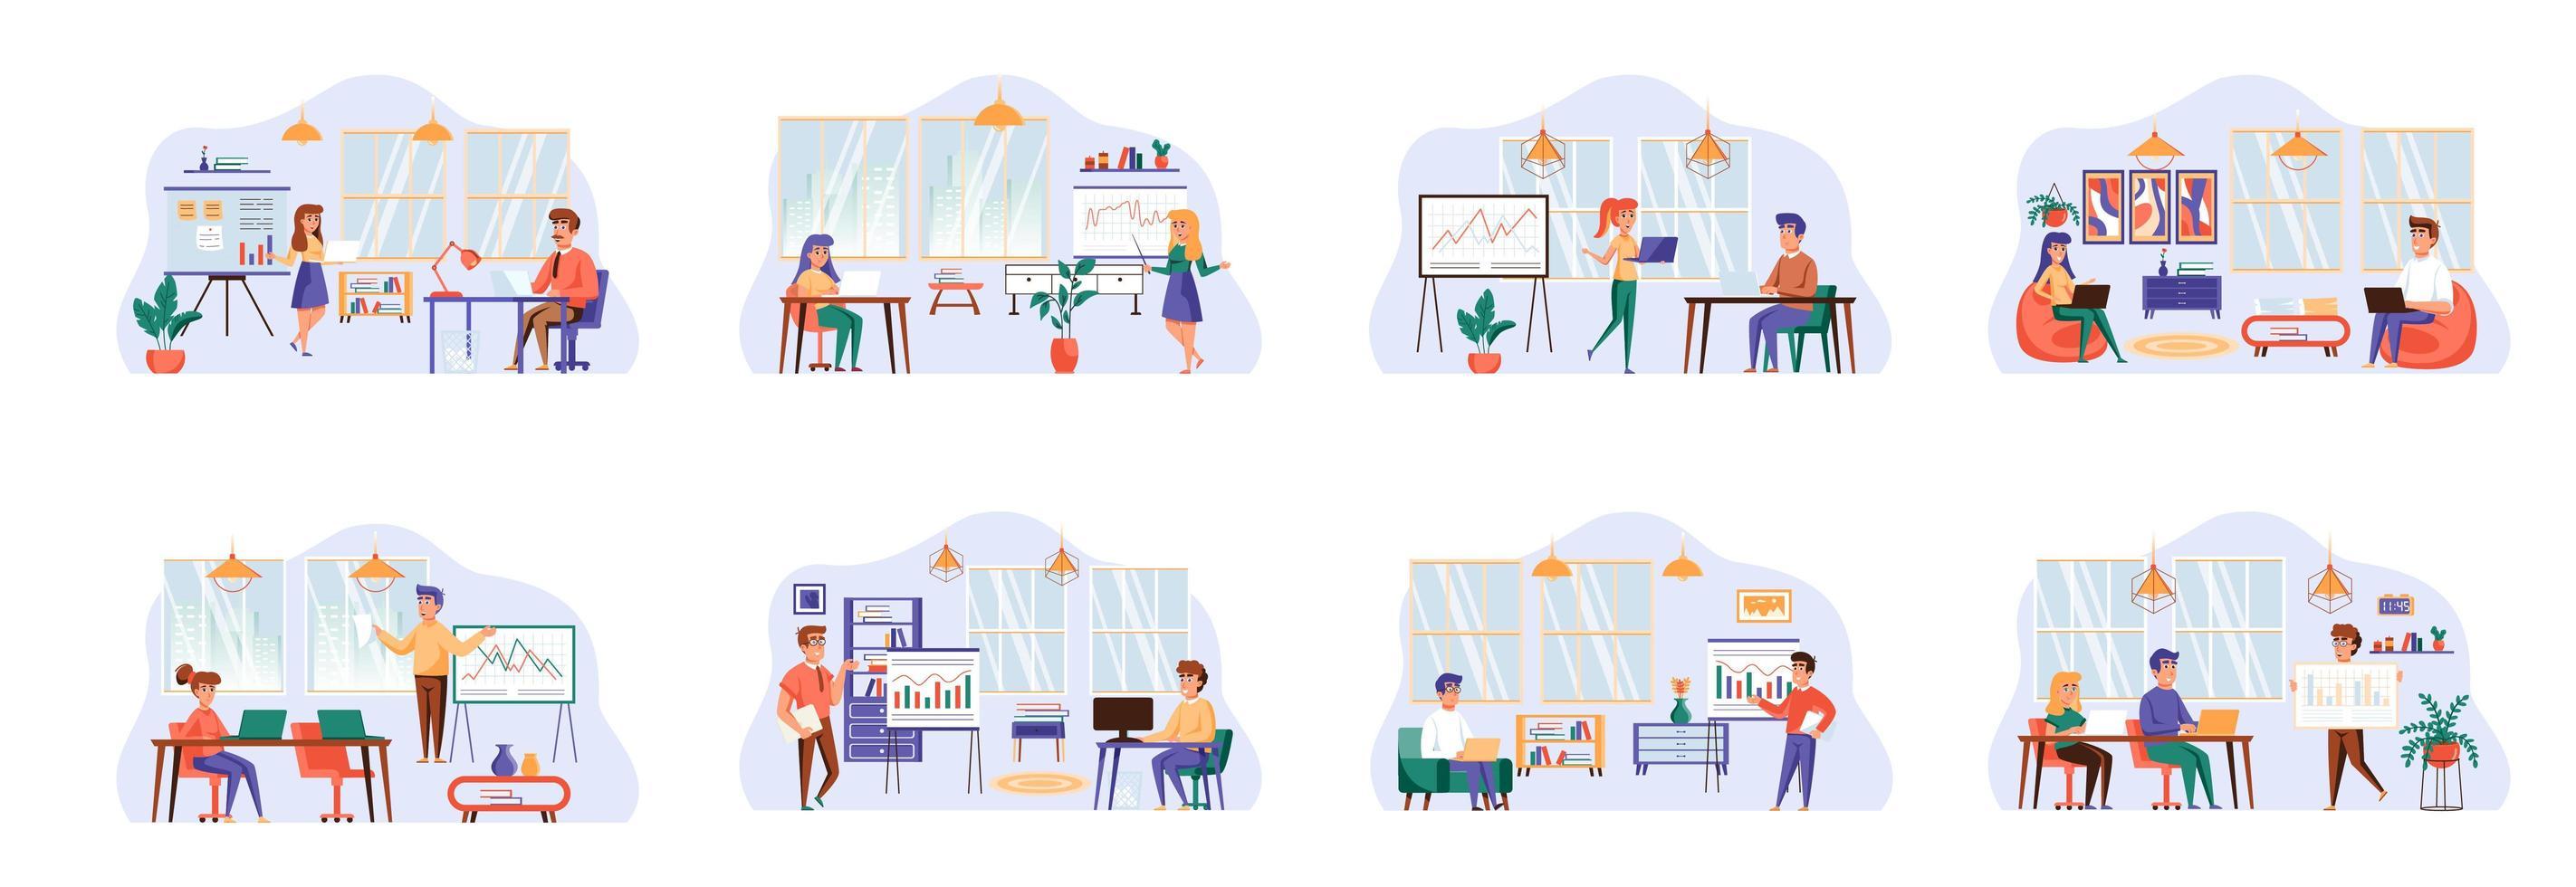 Office Manager-Bündel von Szenen mit Personencharakteren. vektor